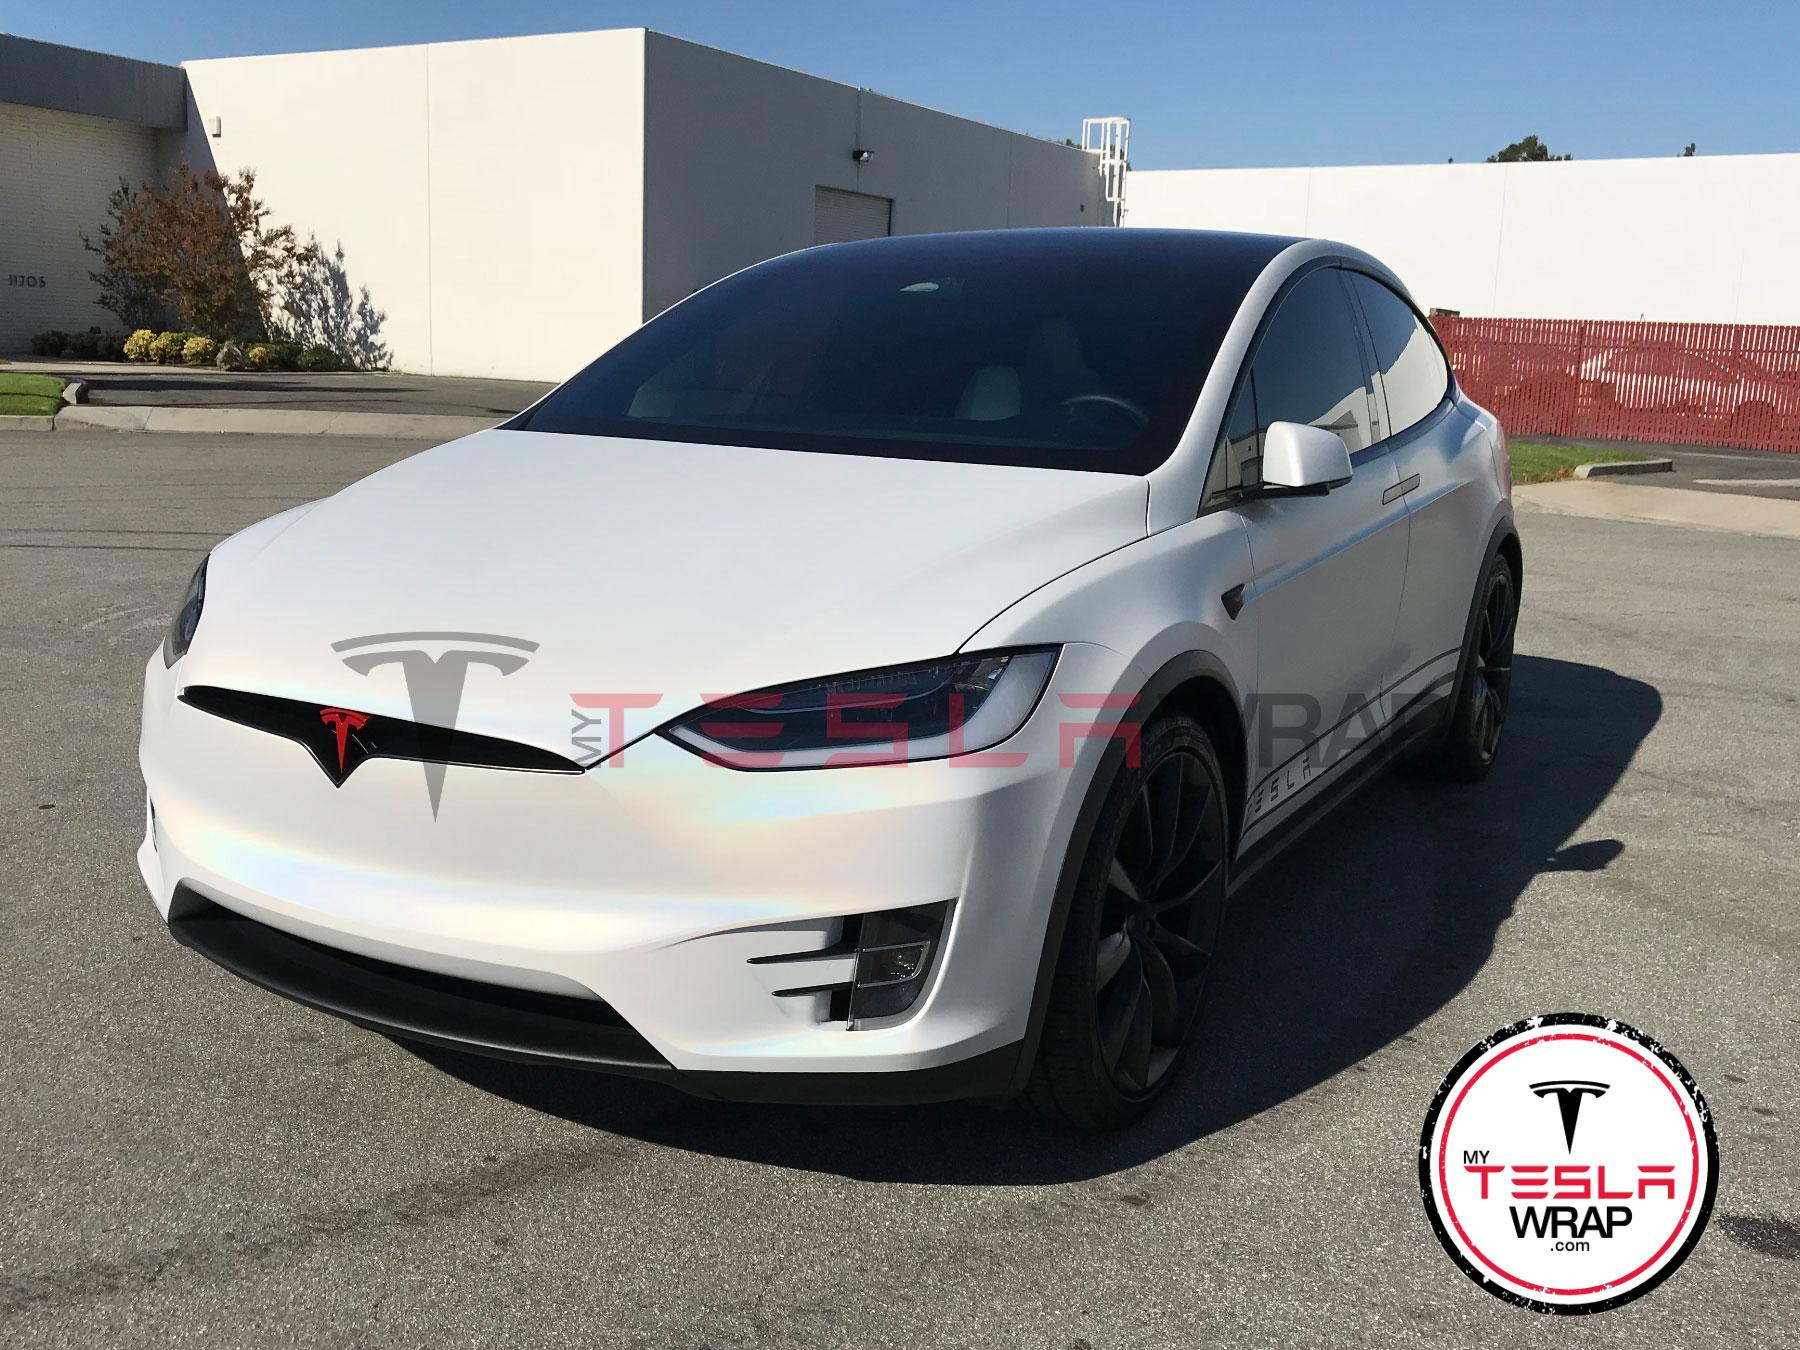 Tesla Model X Wrapped in White Gloss 3M vinyl car wrap